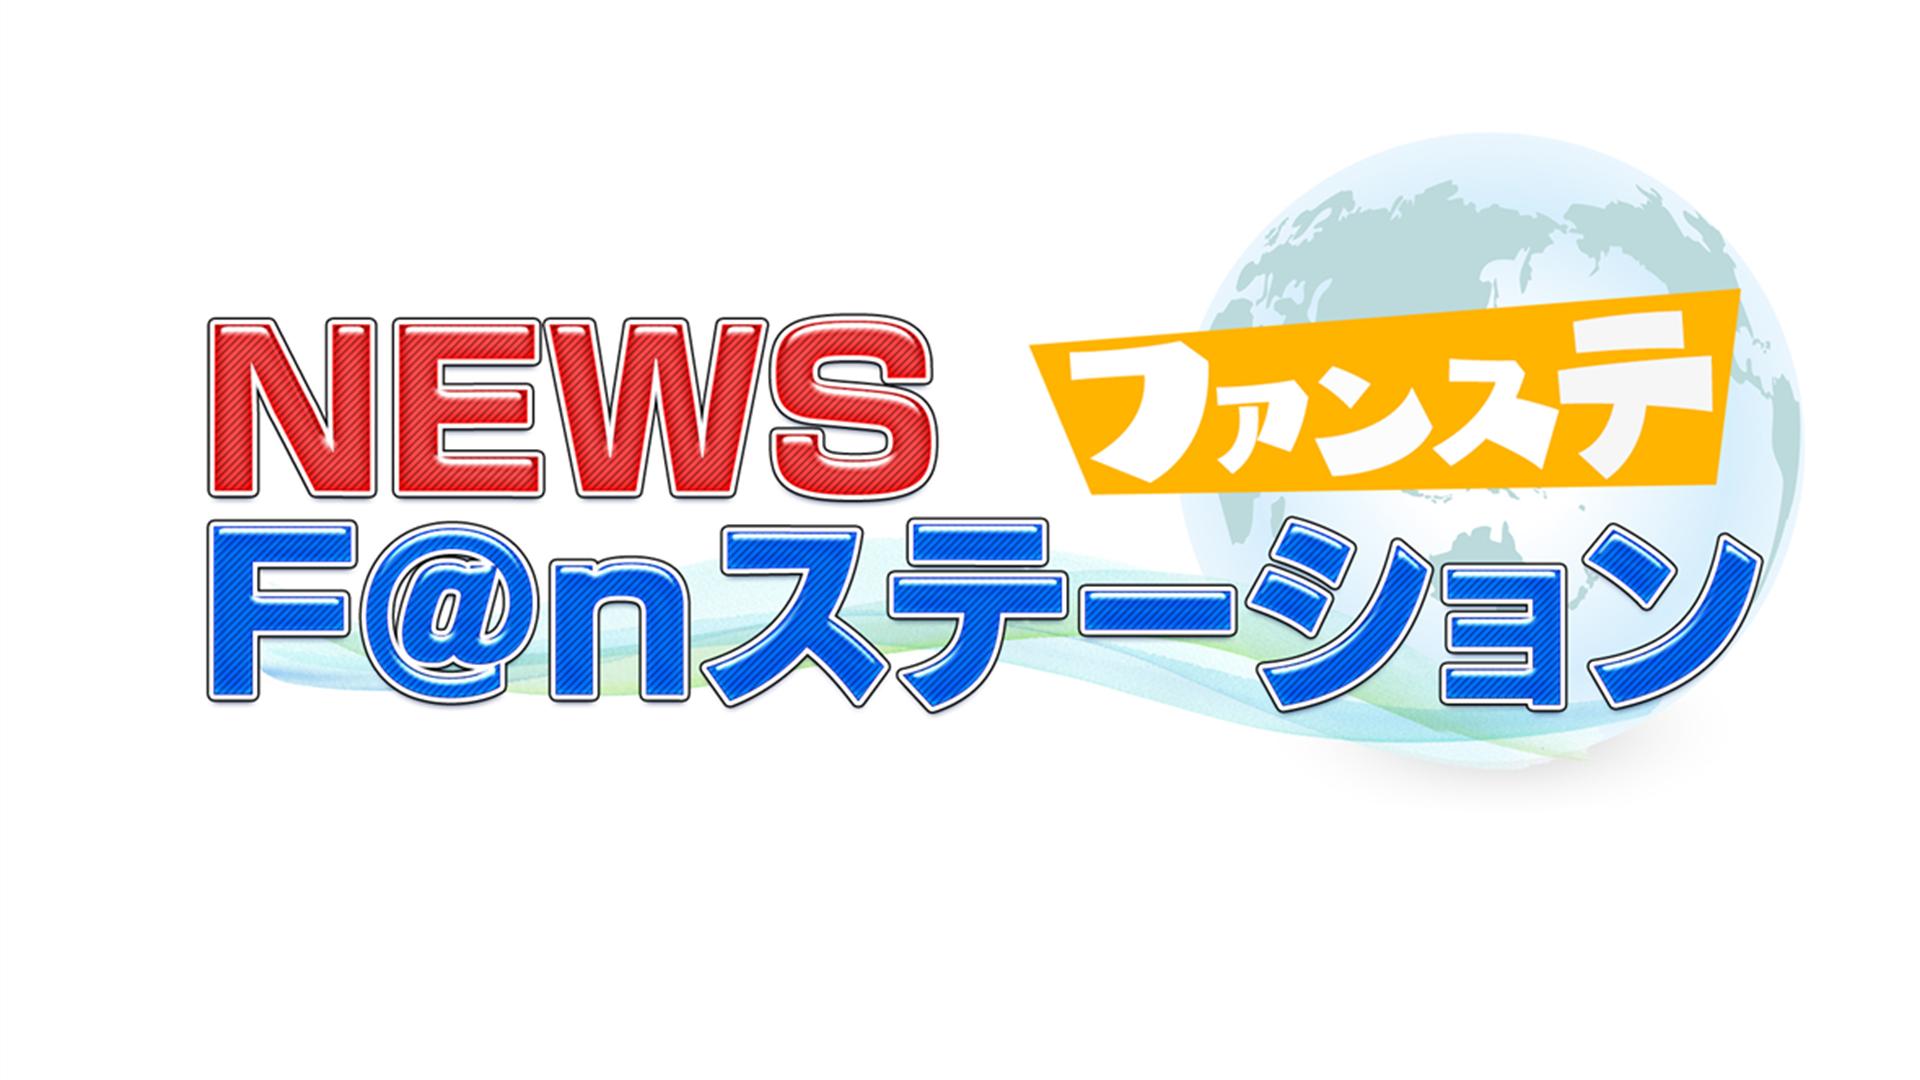 ネットテレビファンステーションNews,ニュース番組,インターネット 無料 テレビ